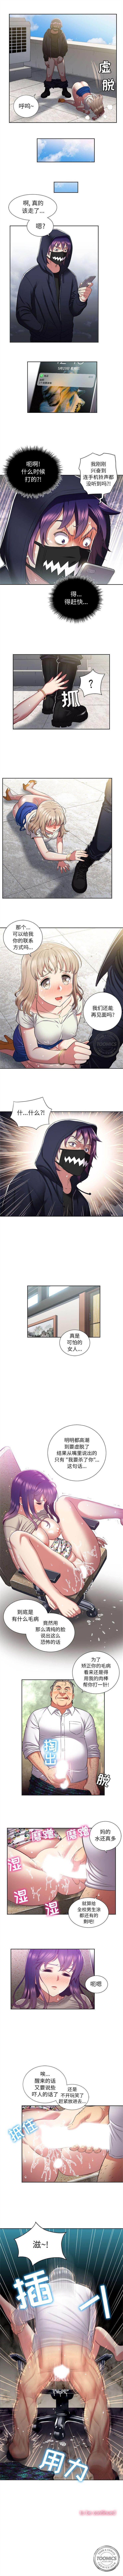 由莉的秘密1-60 中文翻译 (更新中) 178